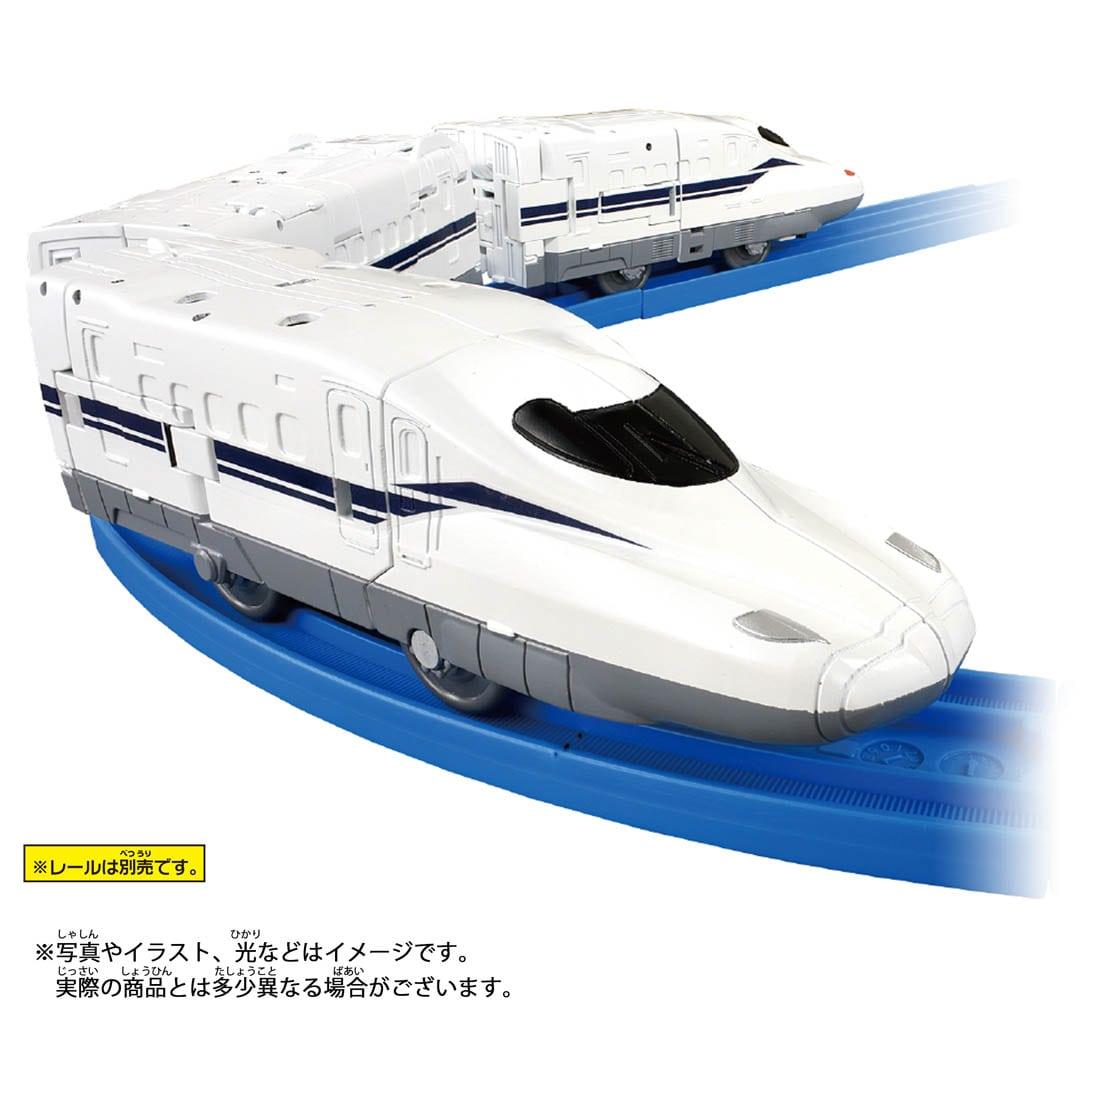 新幹線変形ロボ シンカリオン『DXS シンカリオン N700Sのぞみ』可変プラレール-009